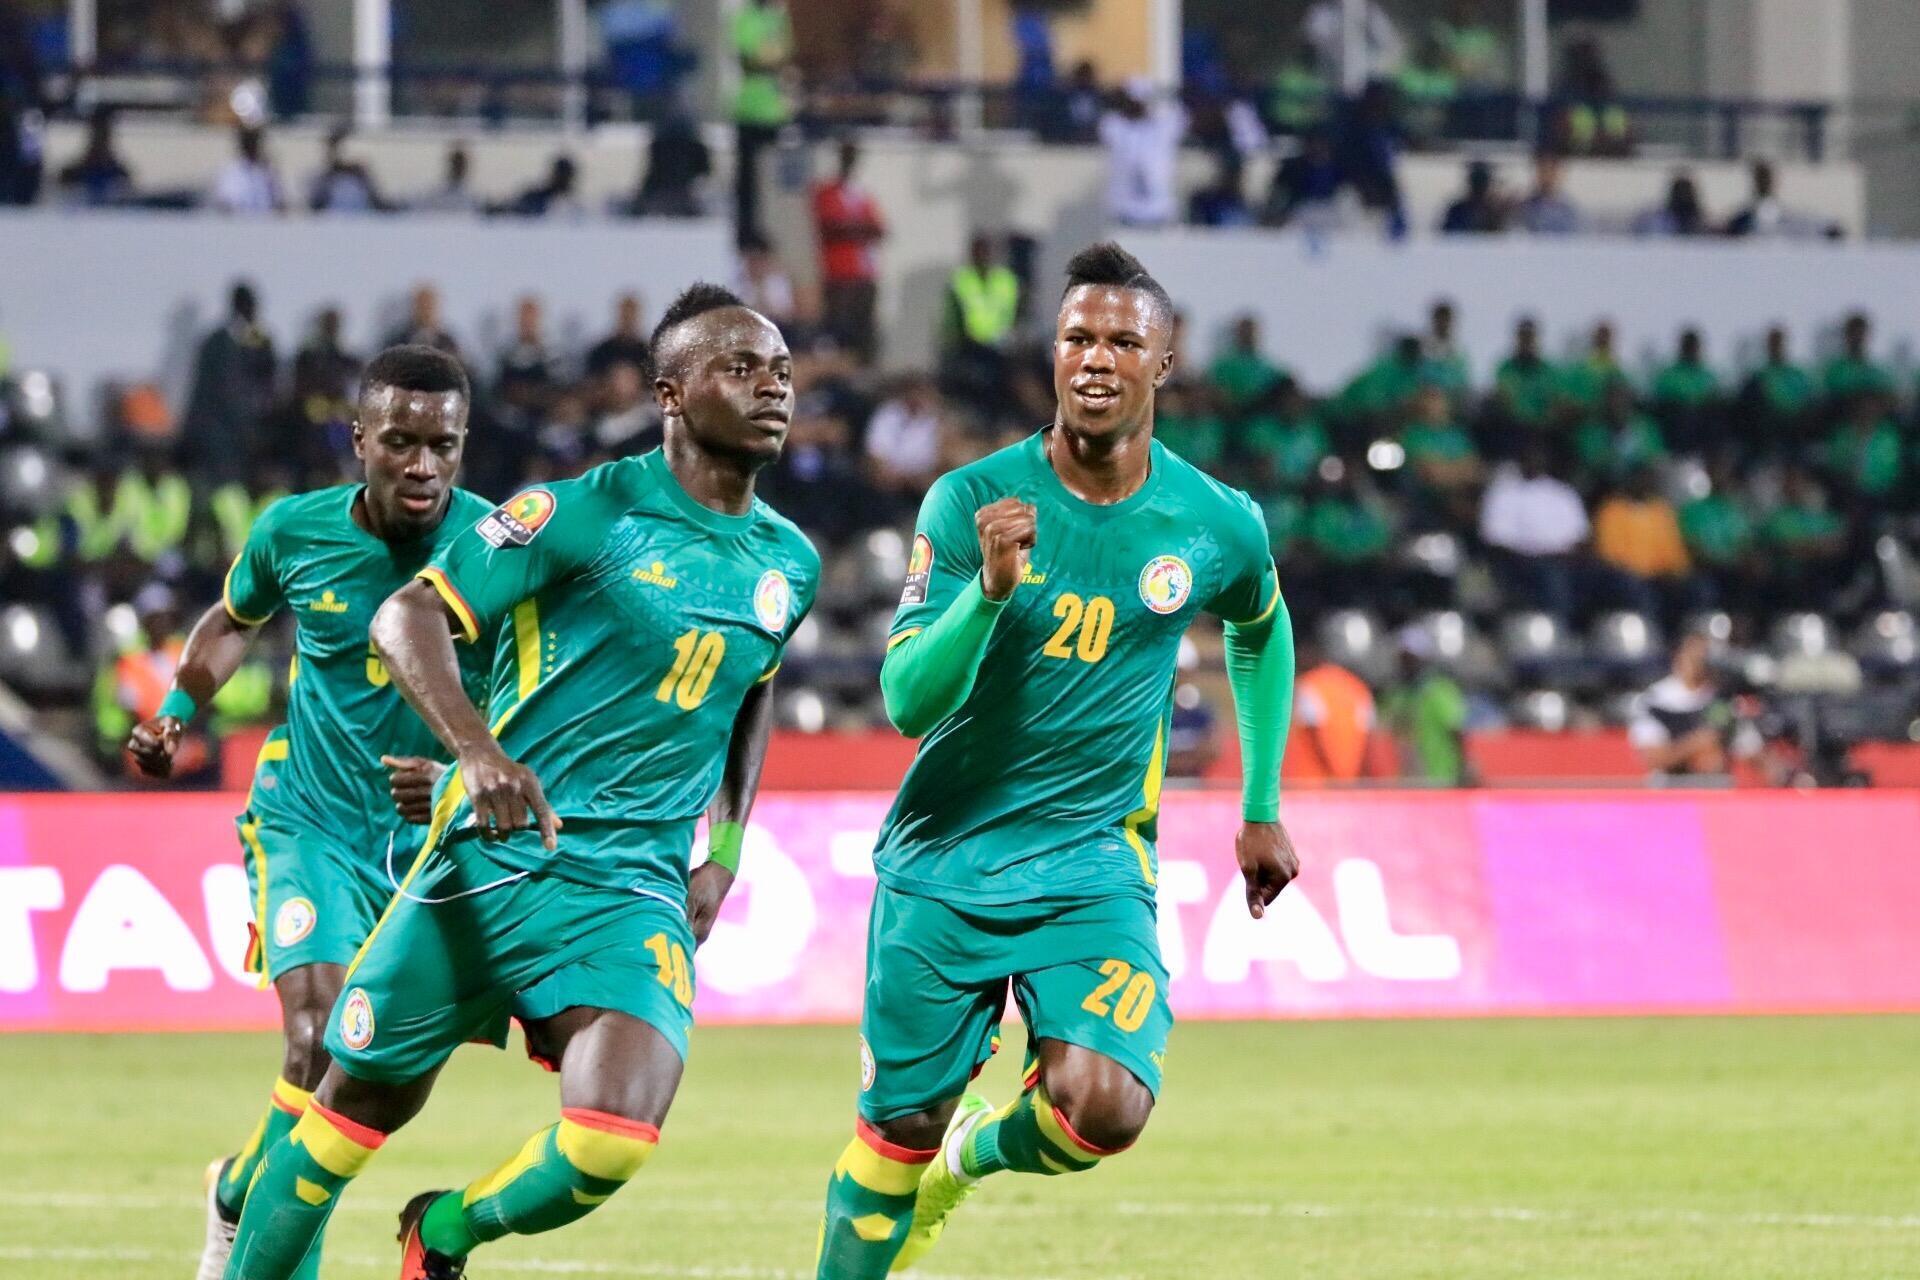 Le Sénégal lors de la CAN 2017 au Gabon (archives).